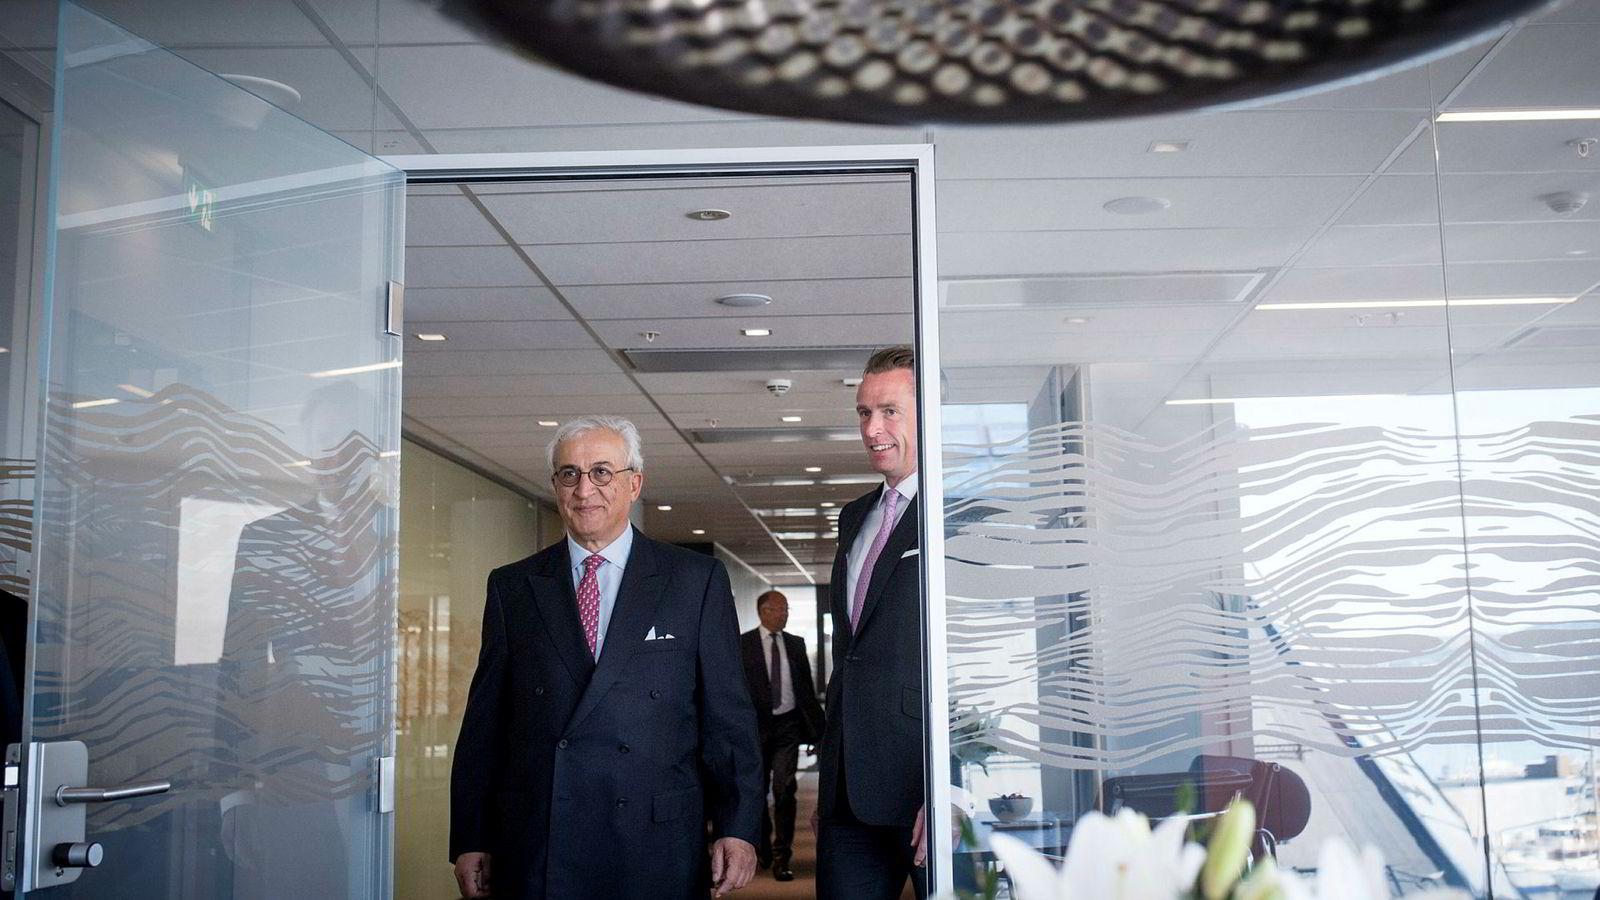 Styreformann og storeier i DNO Bijan Mossavar-Rahmani, her sammen med DNO-sjef Bjørn Dale, har lykkes i oljemaktkamper før.